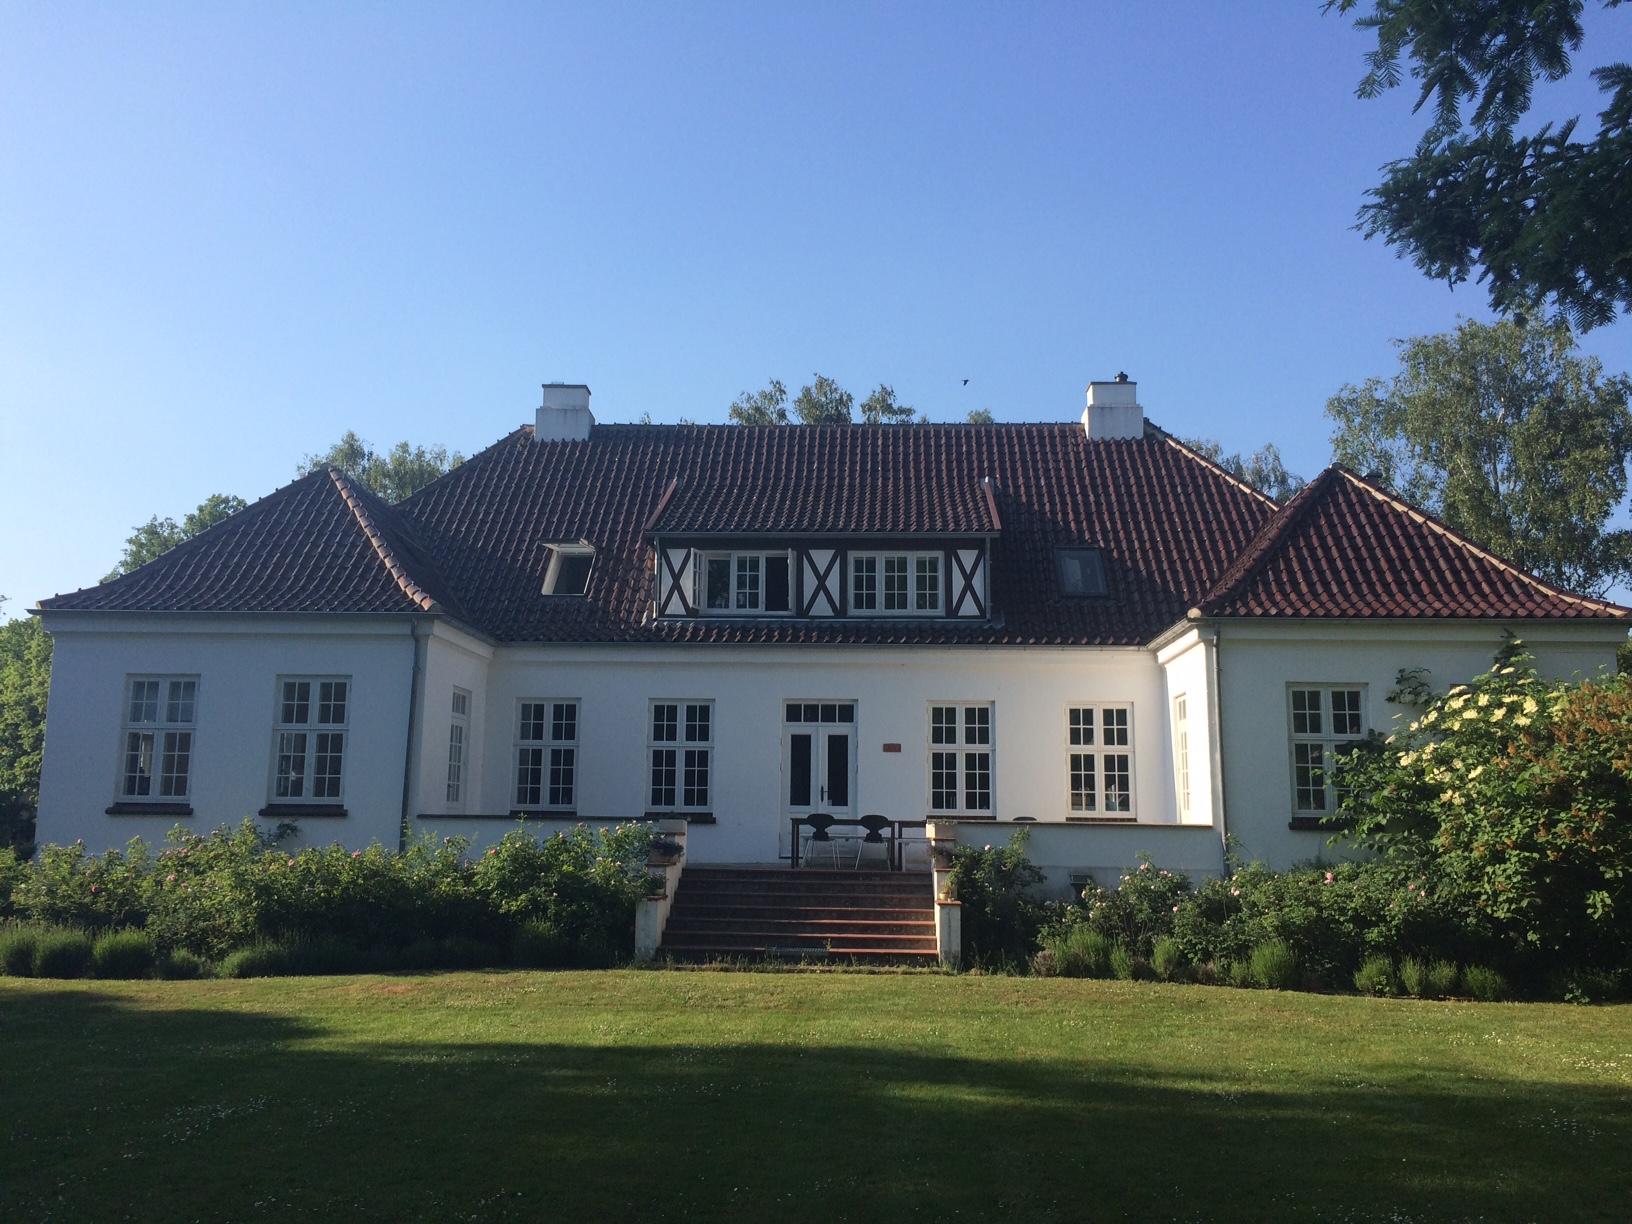 Haupthaus Gut Guldagergaard von der Rückseite